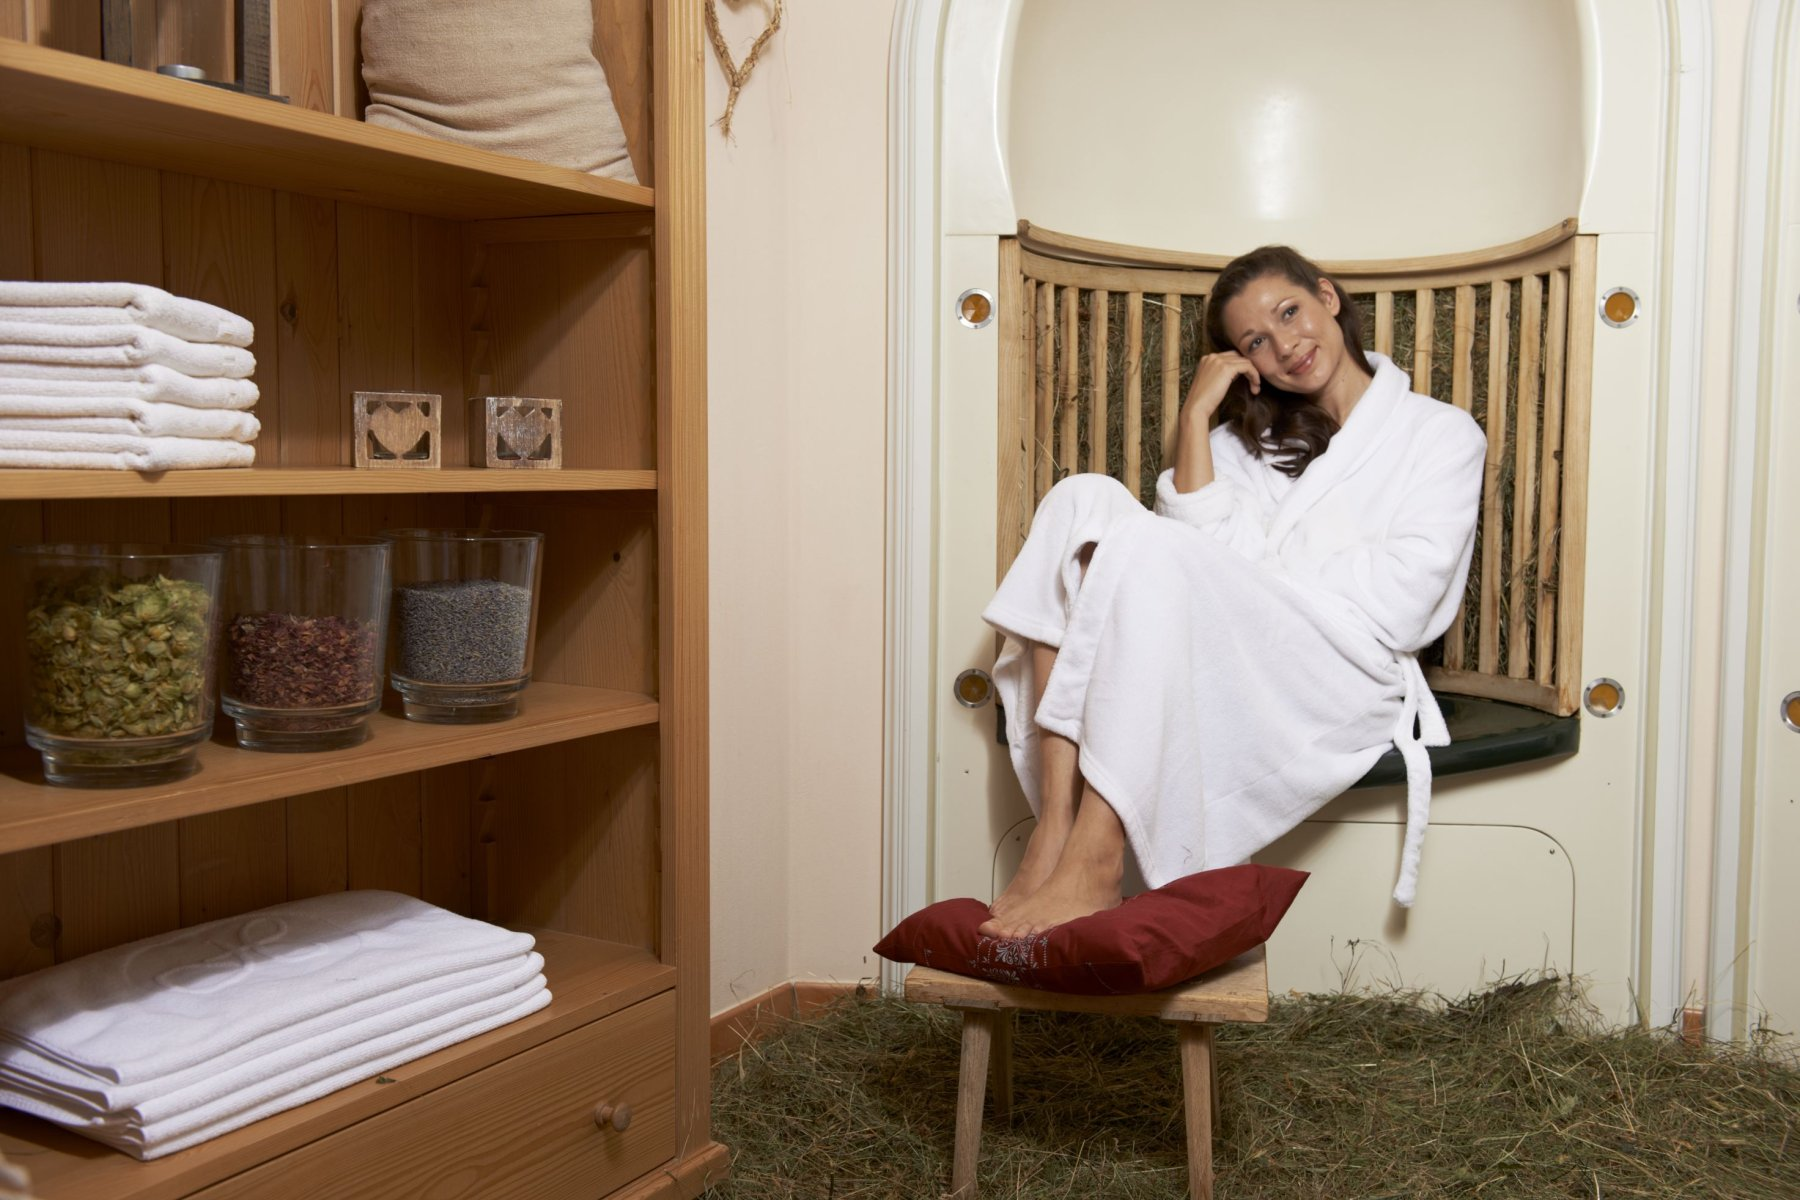 Der Heu-Kraxenofen: Er  ist eine Wärmebehandlung für den Schulter-Nacken- und Lendenbereich. Nebenbei atmen Sie noch den angenehmen Duft unserer Kräuter und Gräser ein- einfach wohltuend